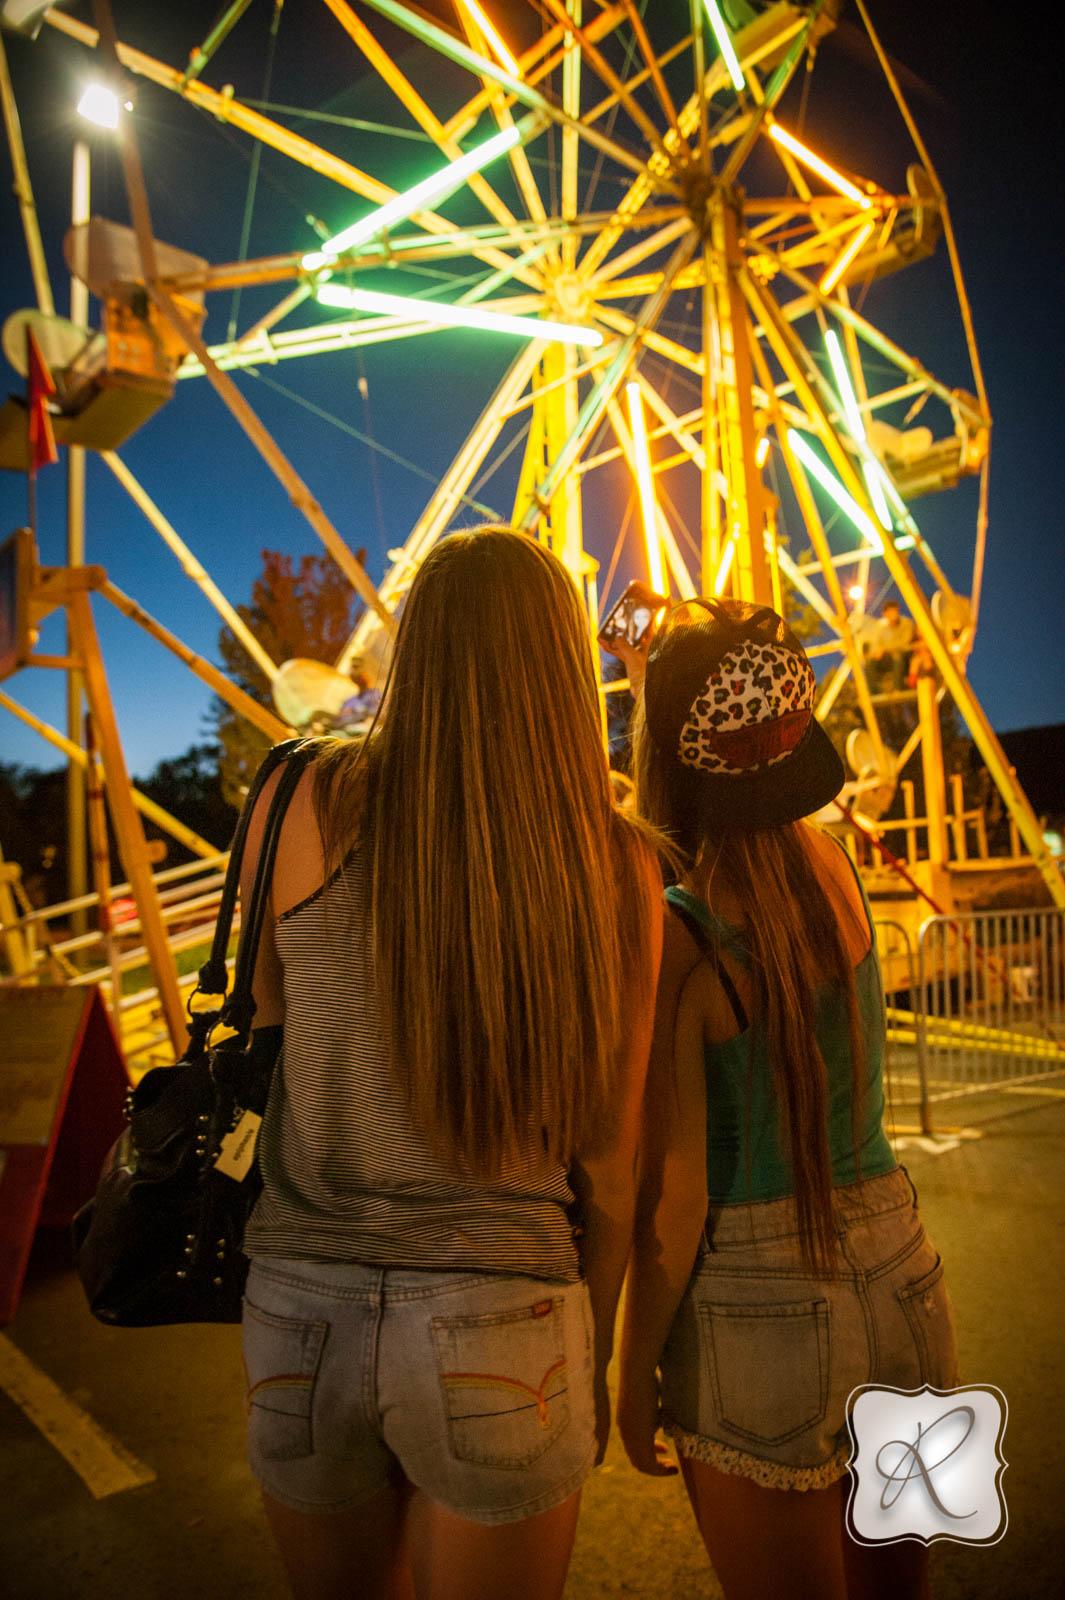 Carnival Themed Photos...